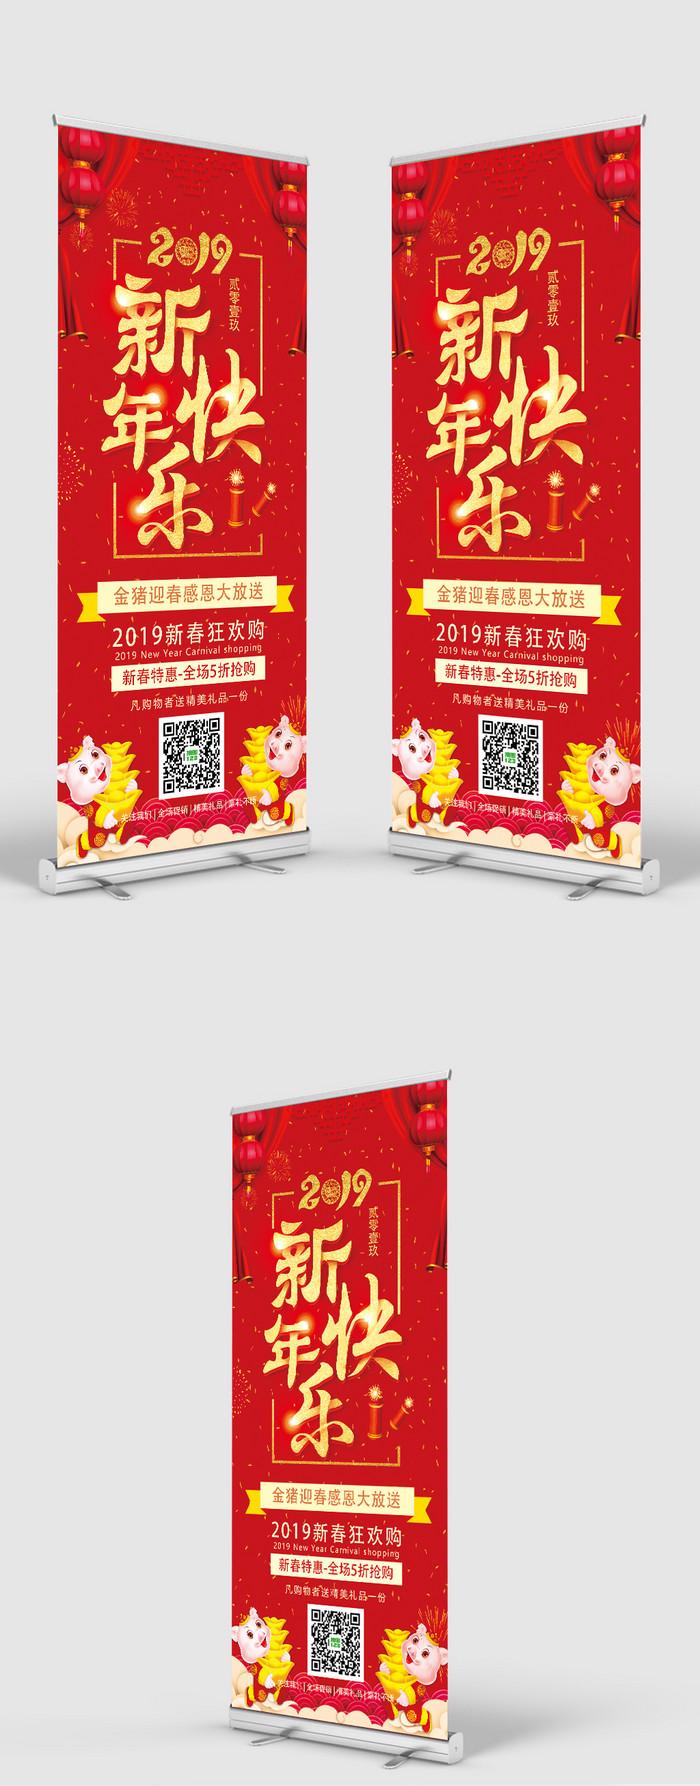 红色喜庆新年快乐年货节促销展架易拉宝